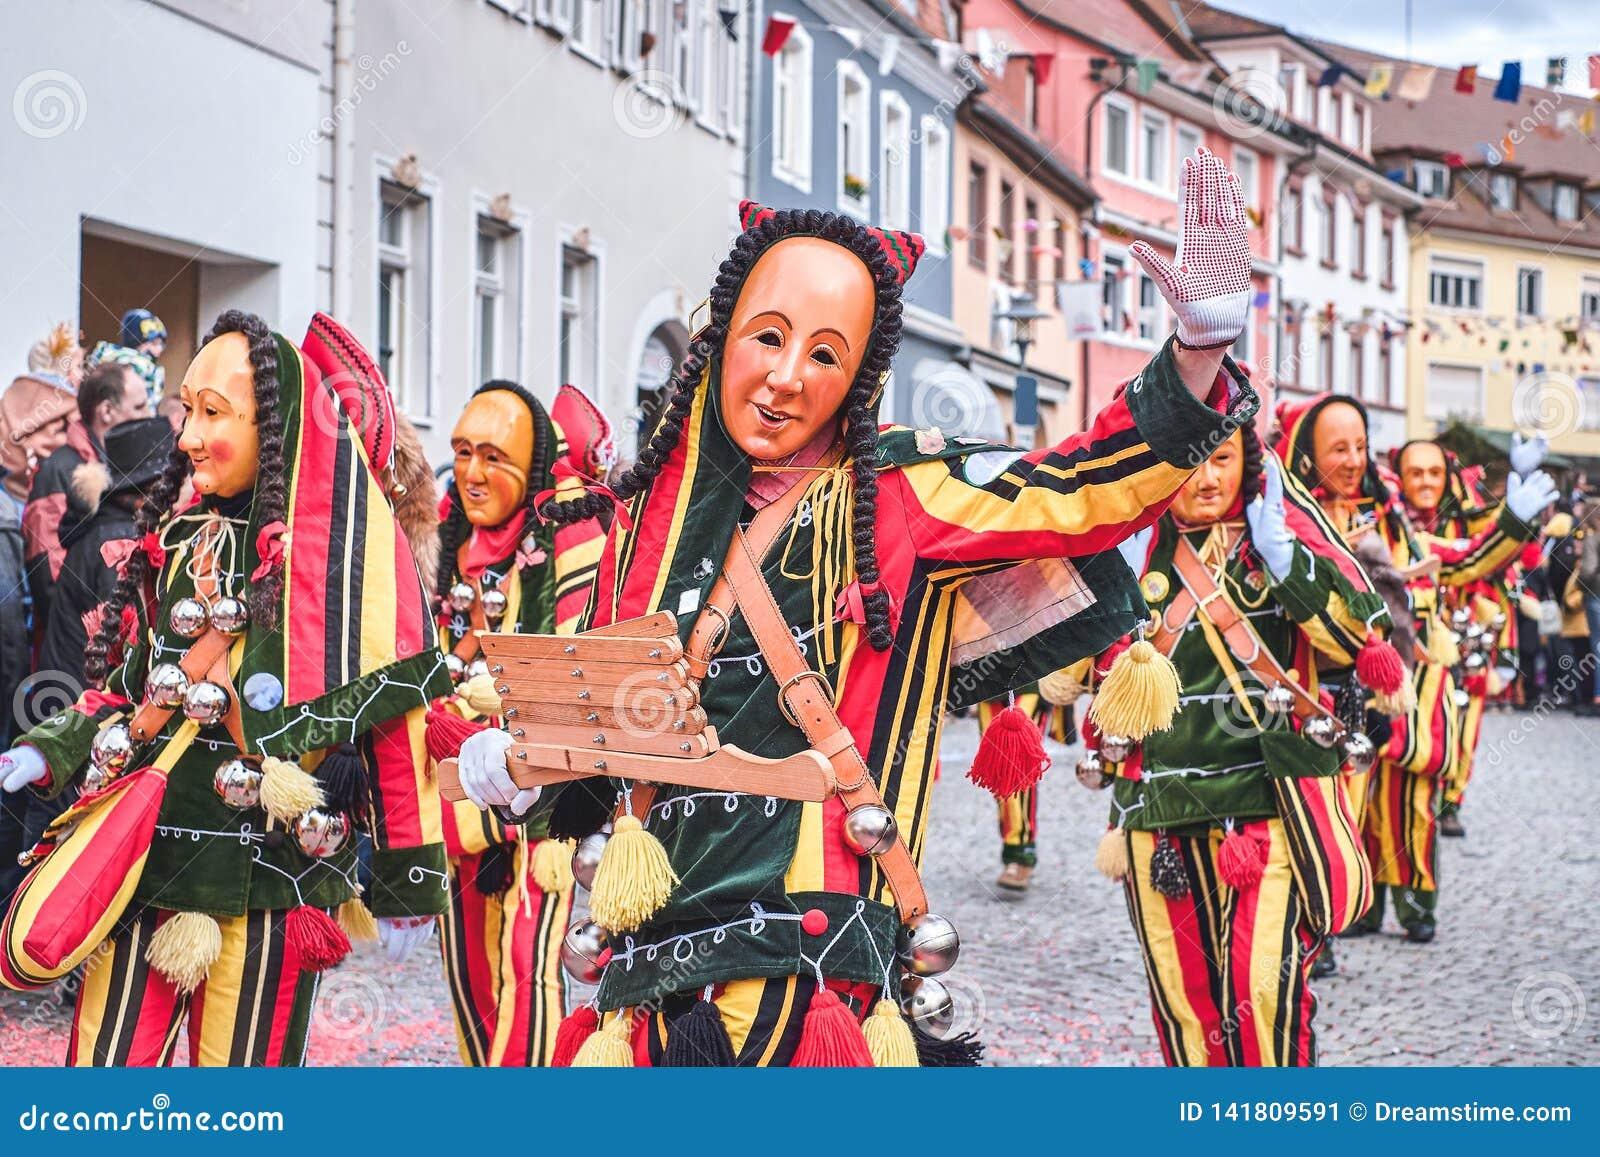 Όμορφος και εύθυμος carnaval αριθμός με τα κουδούνια Οδός καρναβάλι στη νότια Γερμανία - μαύρο δάσος